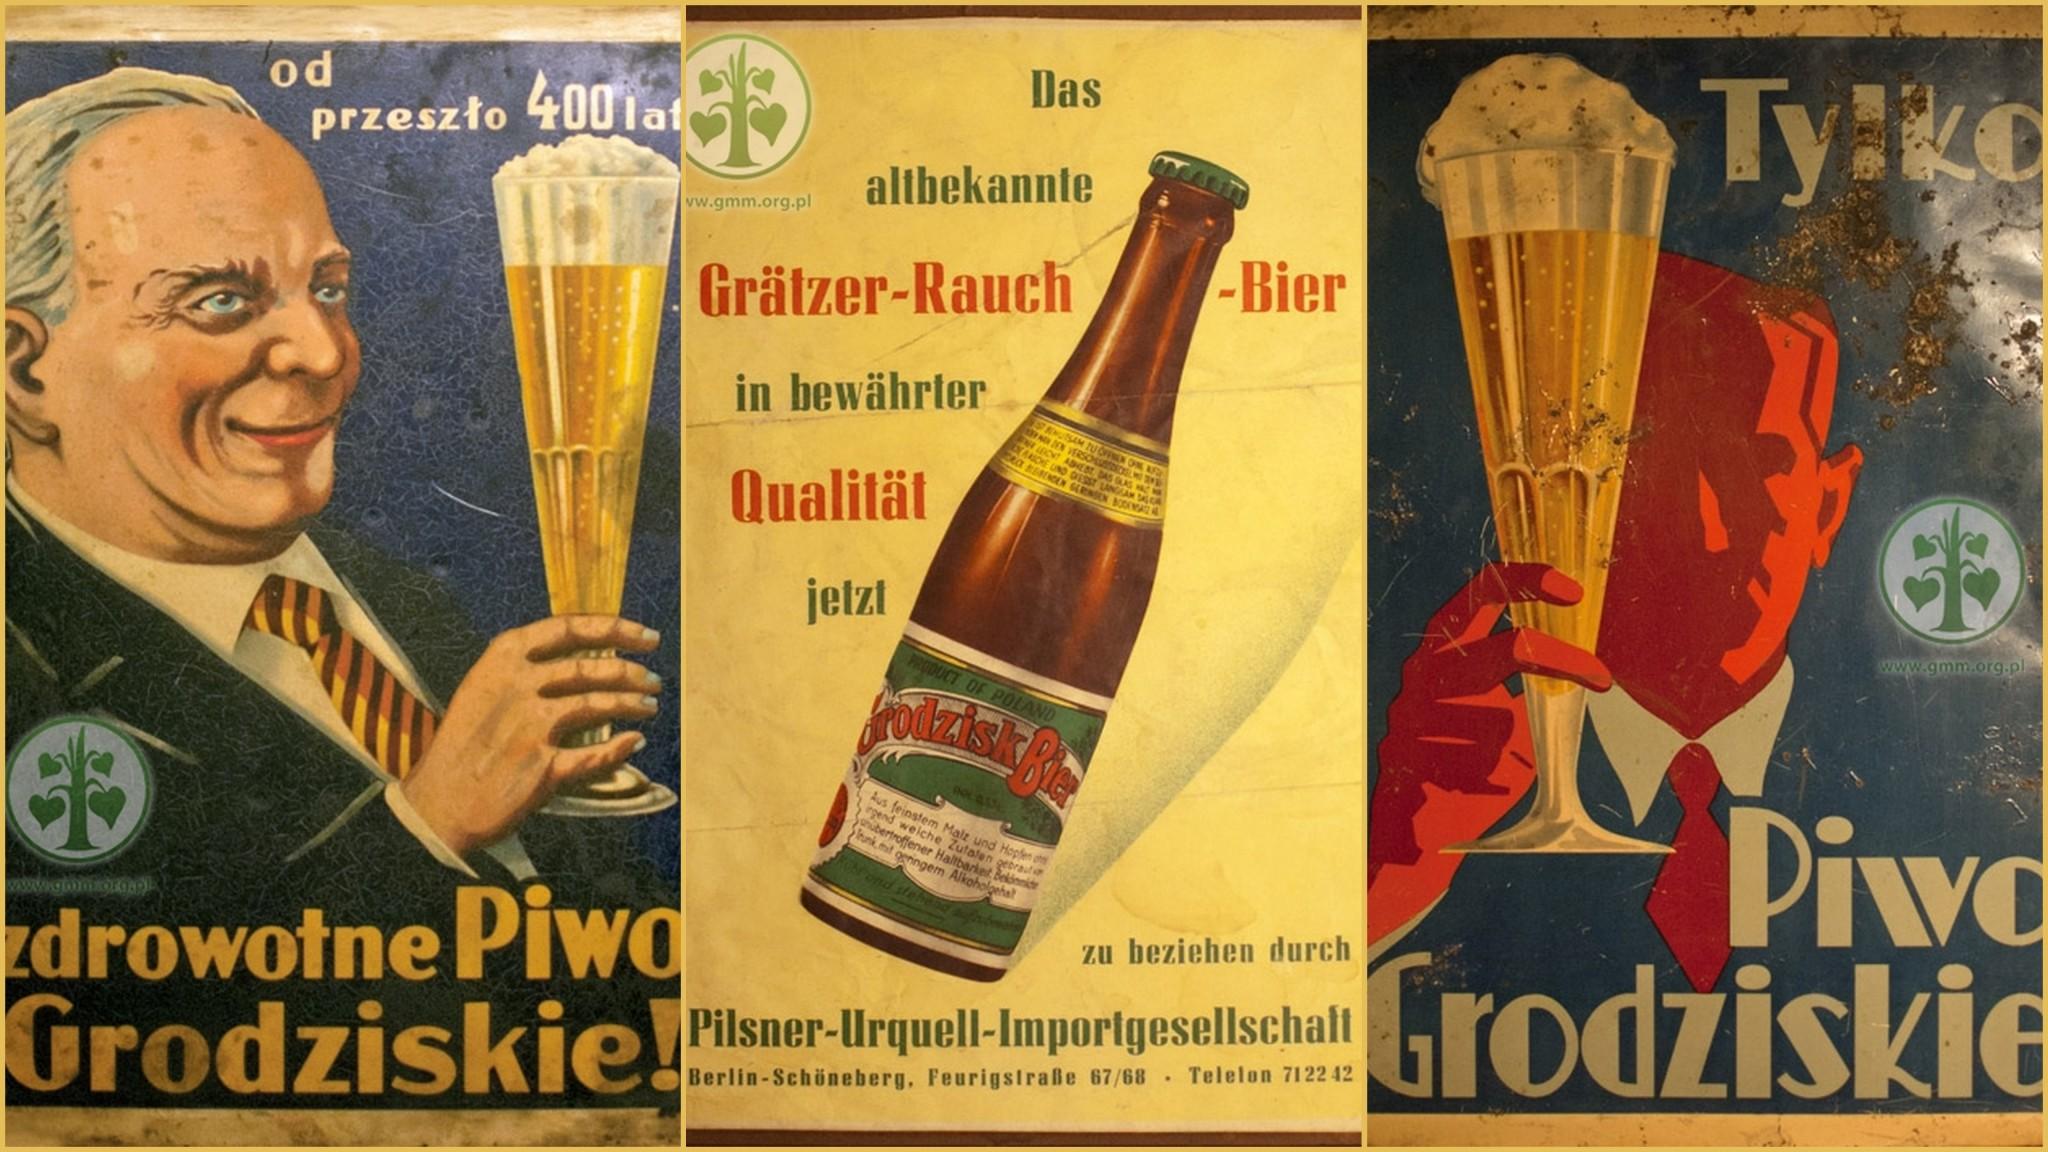 Ognuna il suo stile: aggiungi un posto a tavola che c'è una birra in più!